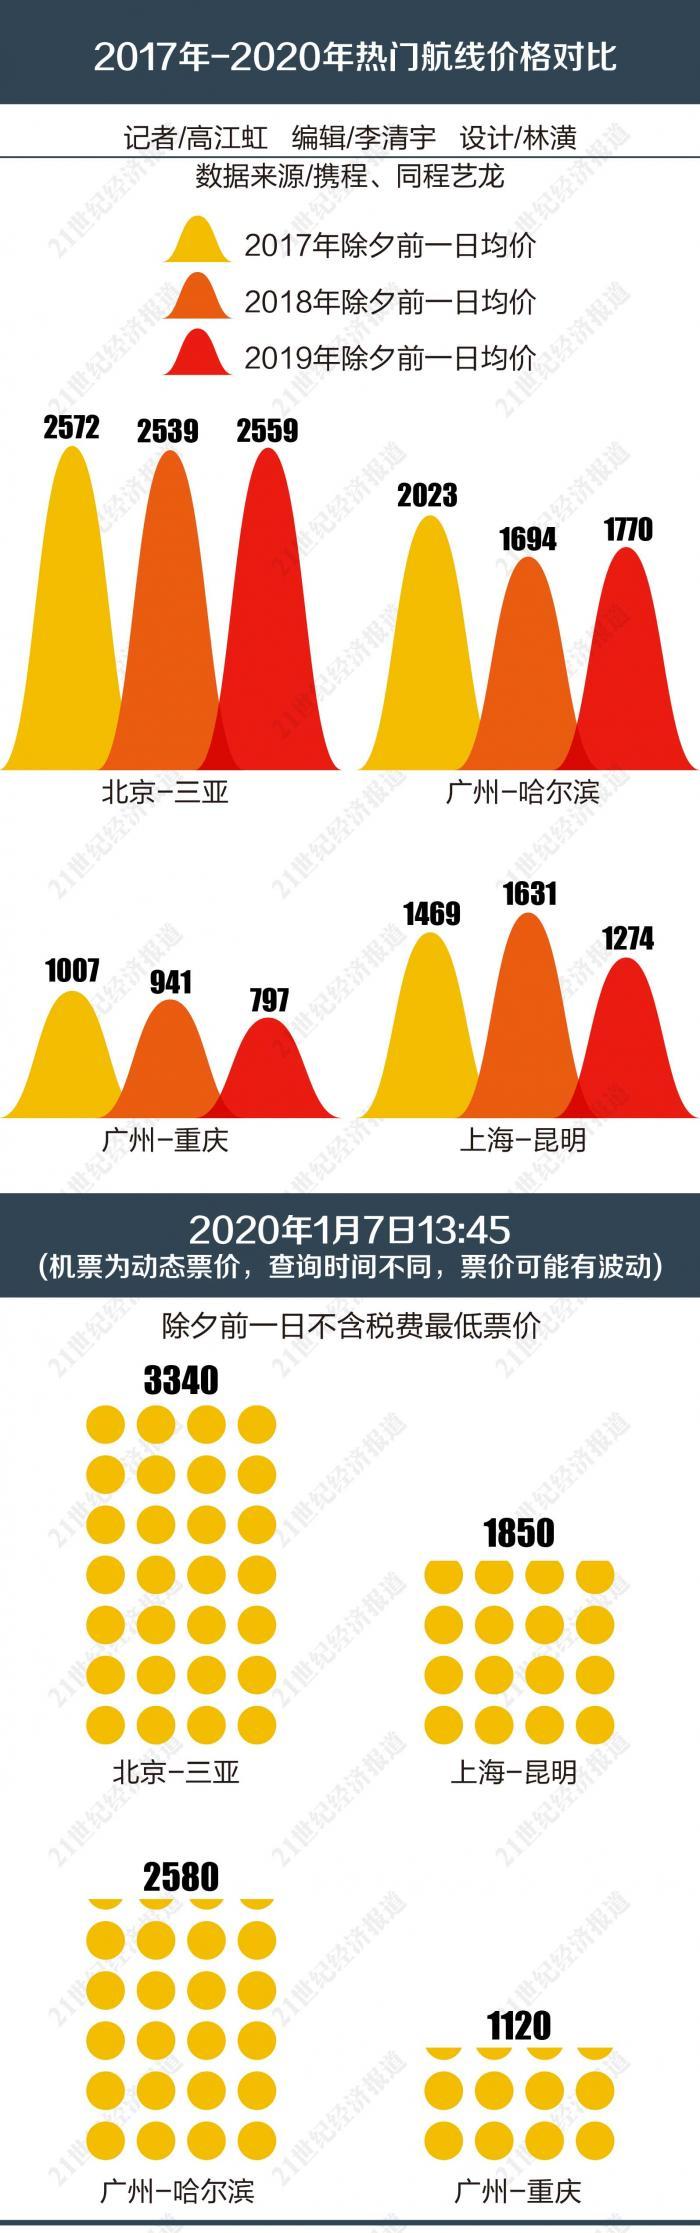 """航司市场化改革遭遇春节""""难题"""" 2020年春运上演新版""""人在"""